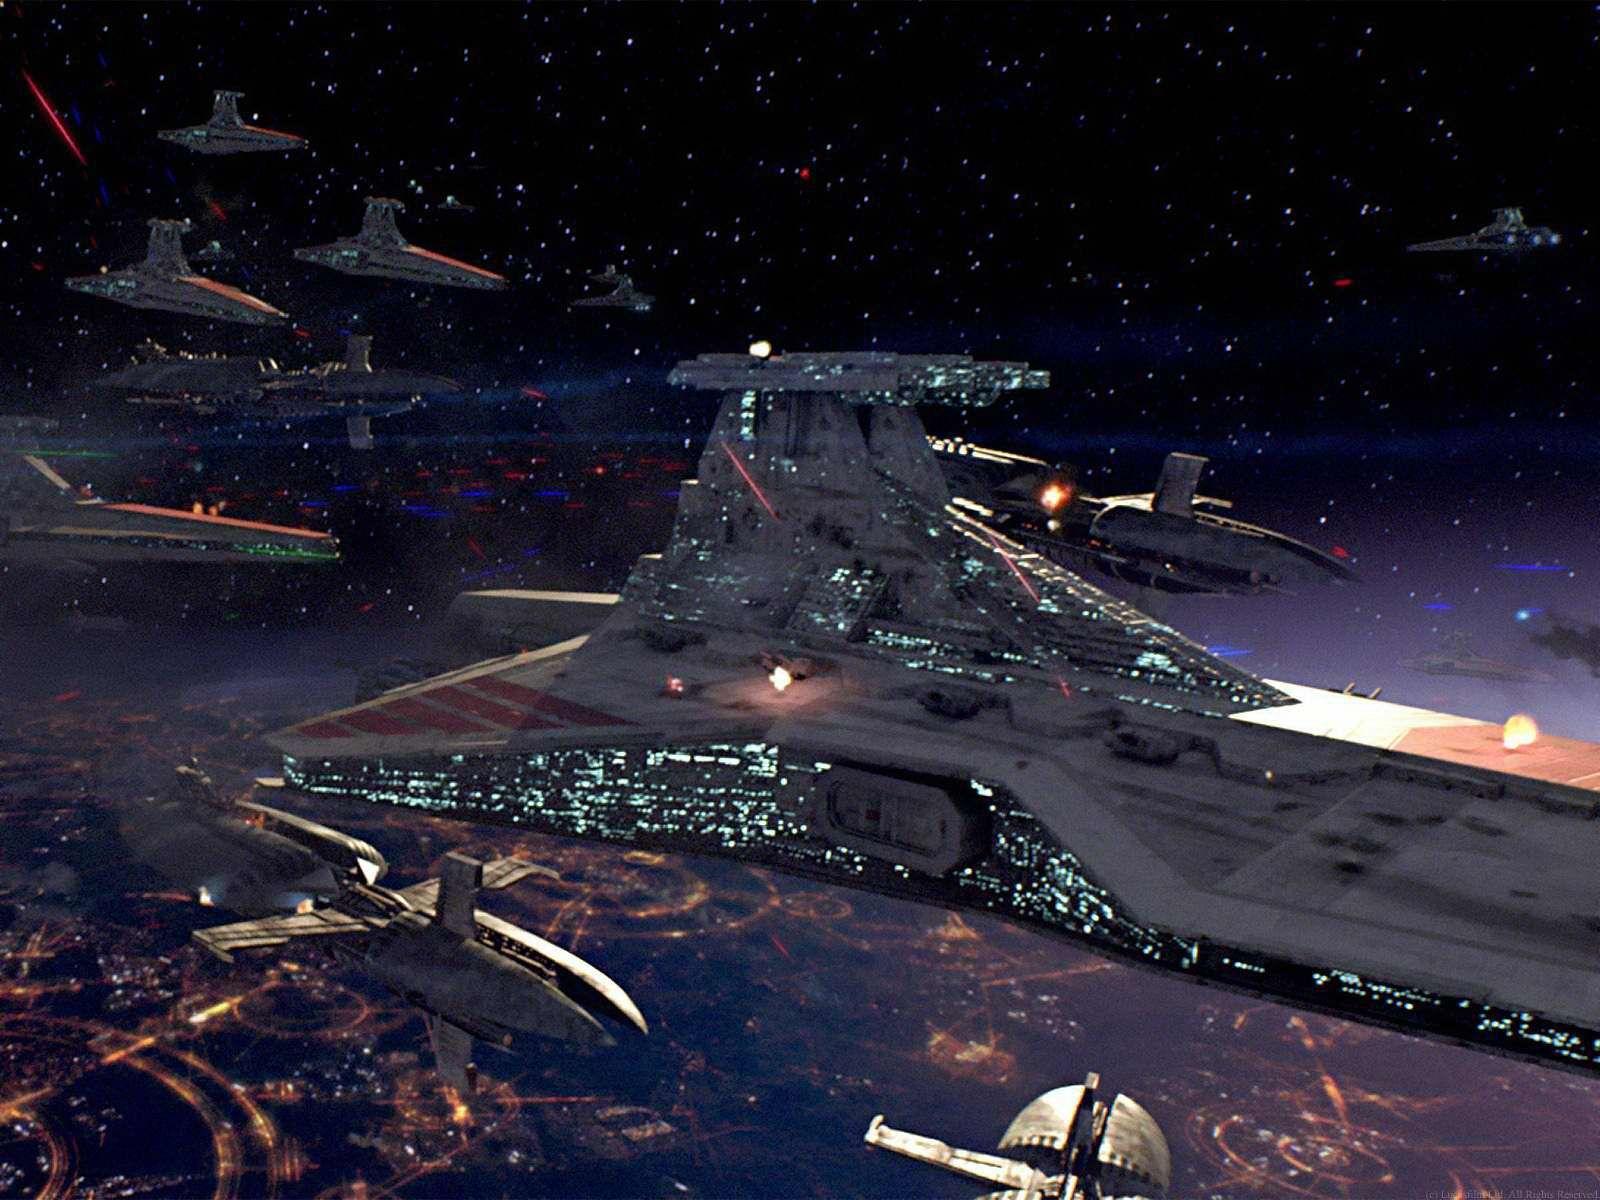 Venator Class Ship Over Coruscant Star Wars Spaceships Star